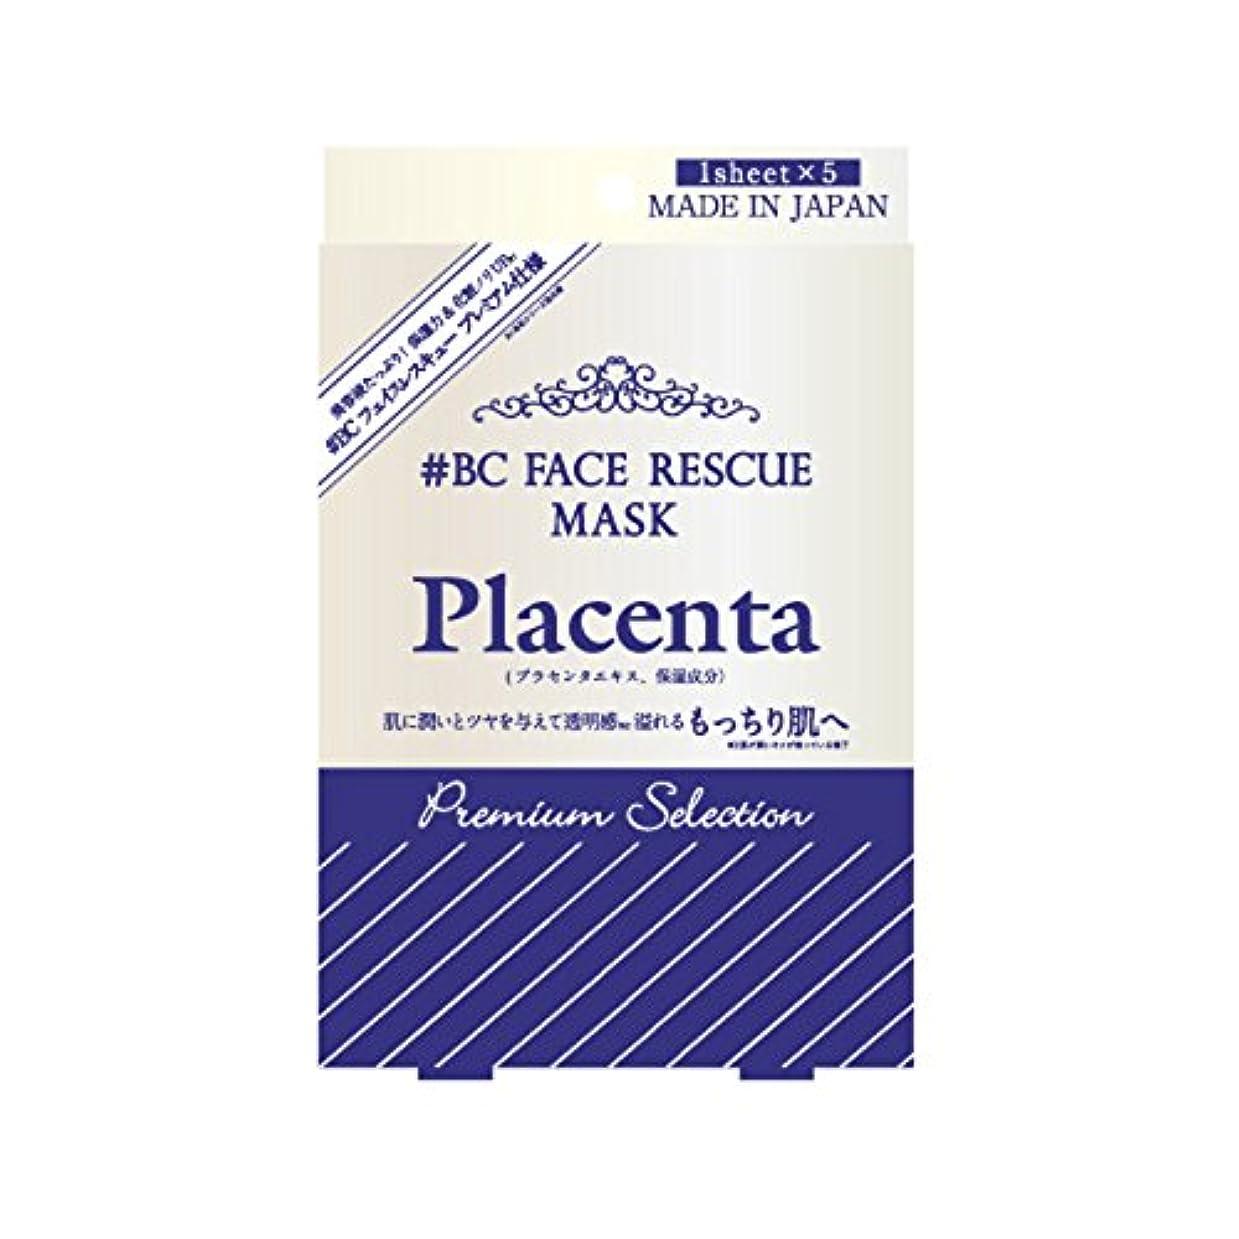 プラセンタ フェイスレスキューマスク PS 1箱(25ml×5枚)